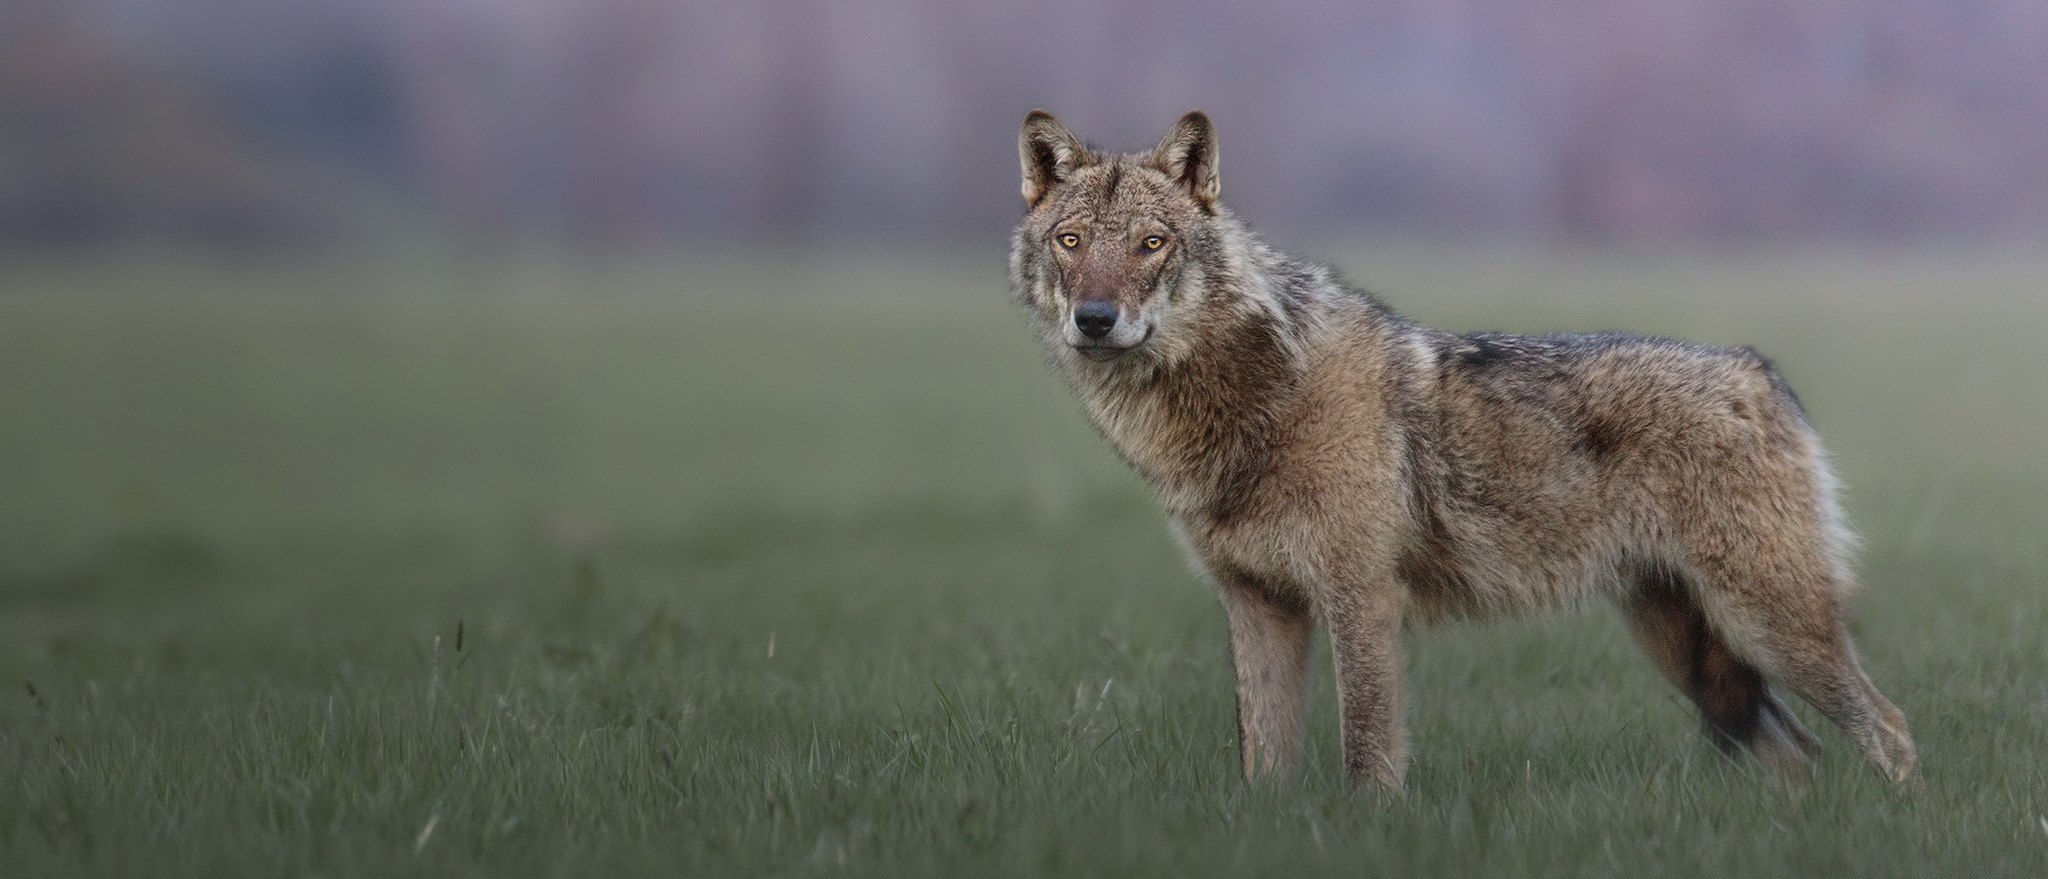 lupo appenninico workshop di fotografia naturalistica parco nazionale d'abruzzo